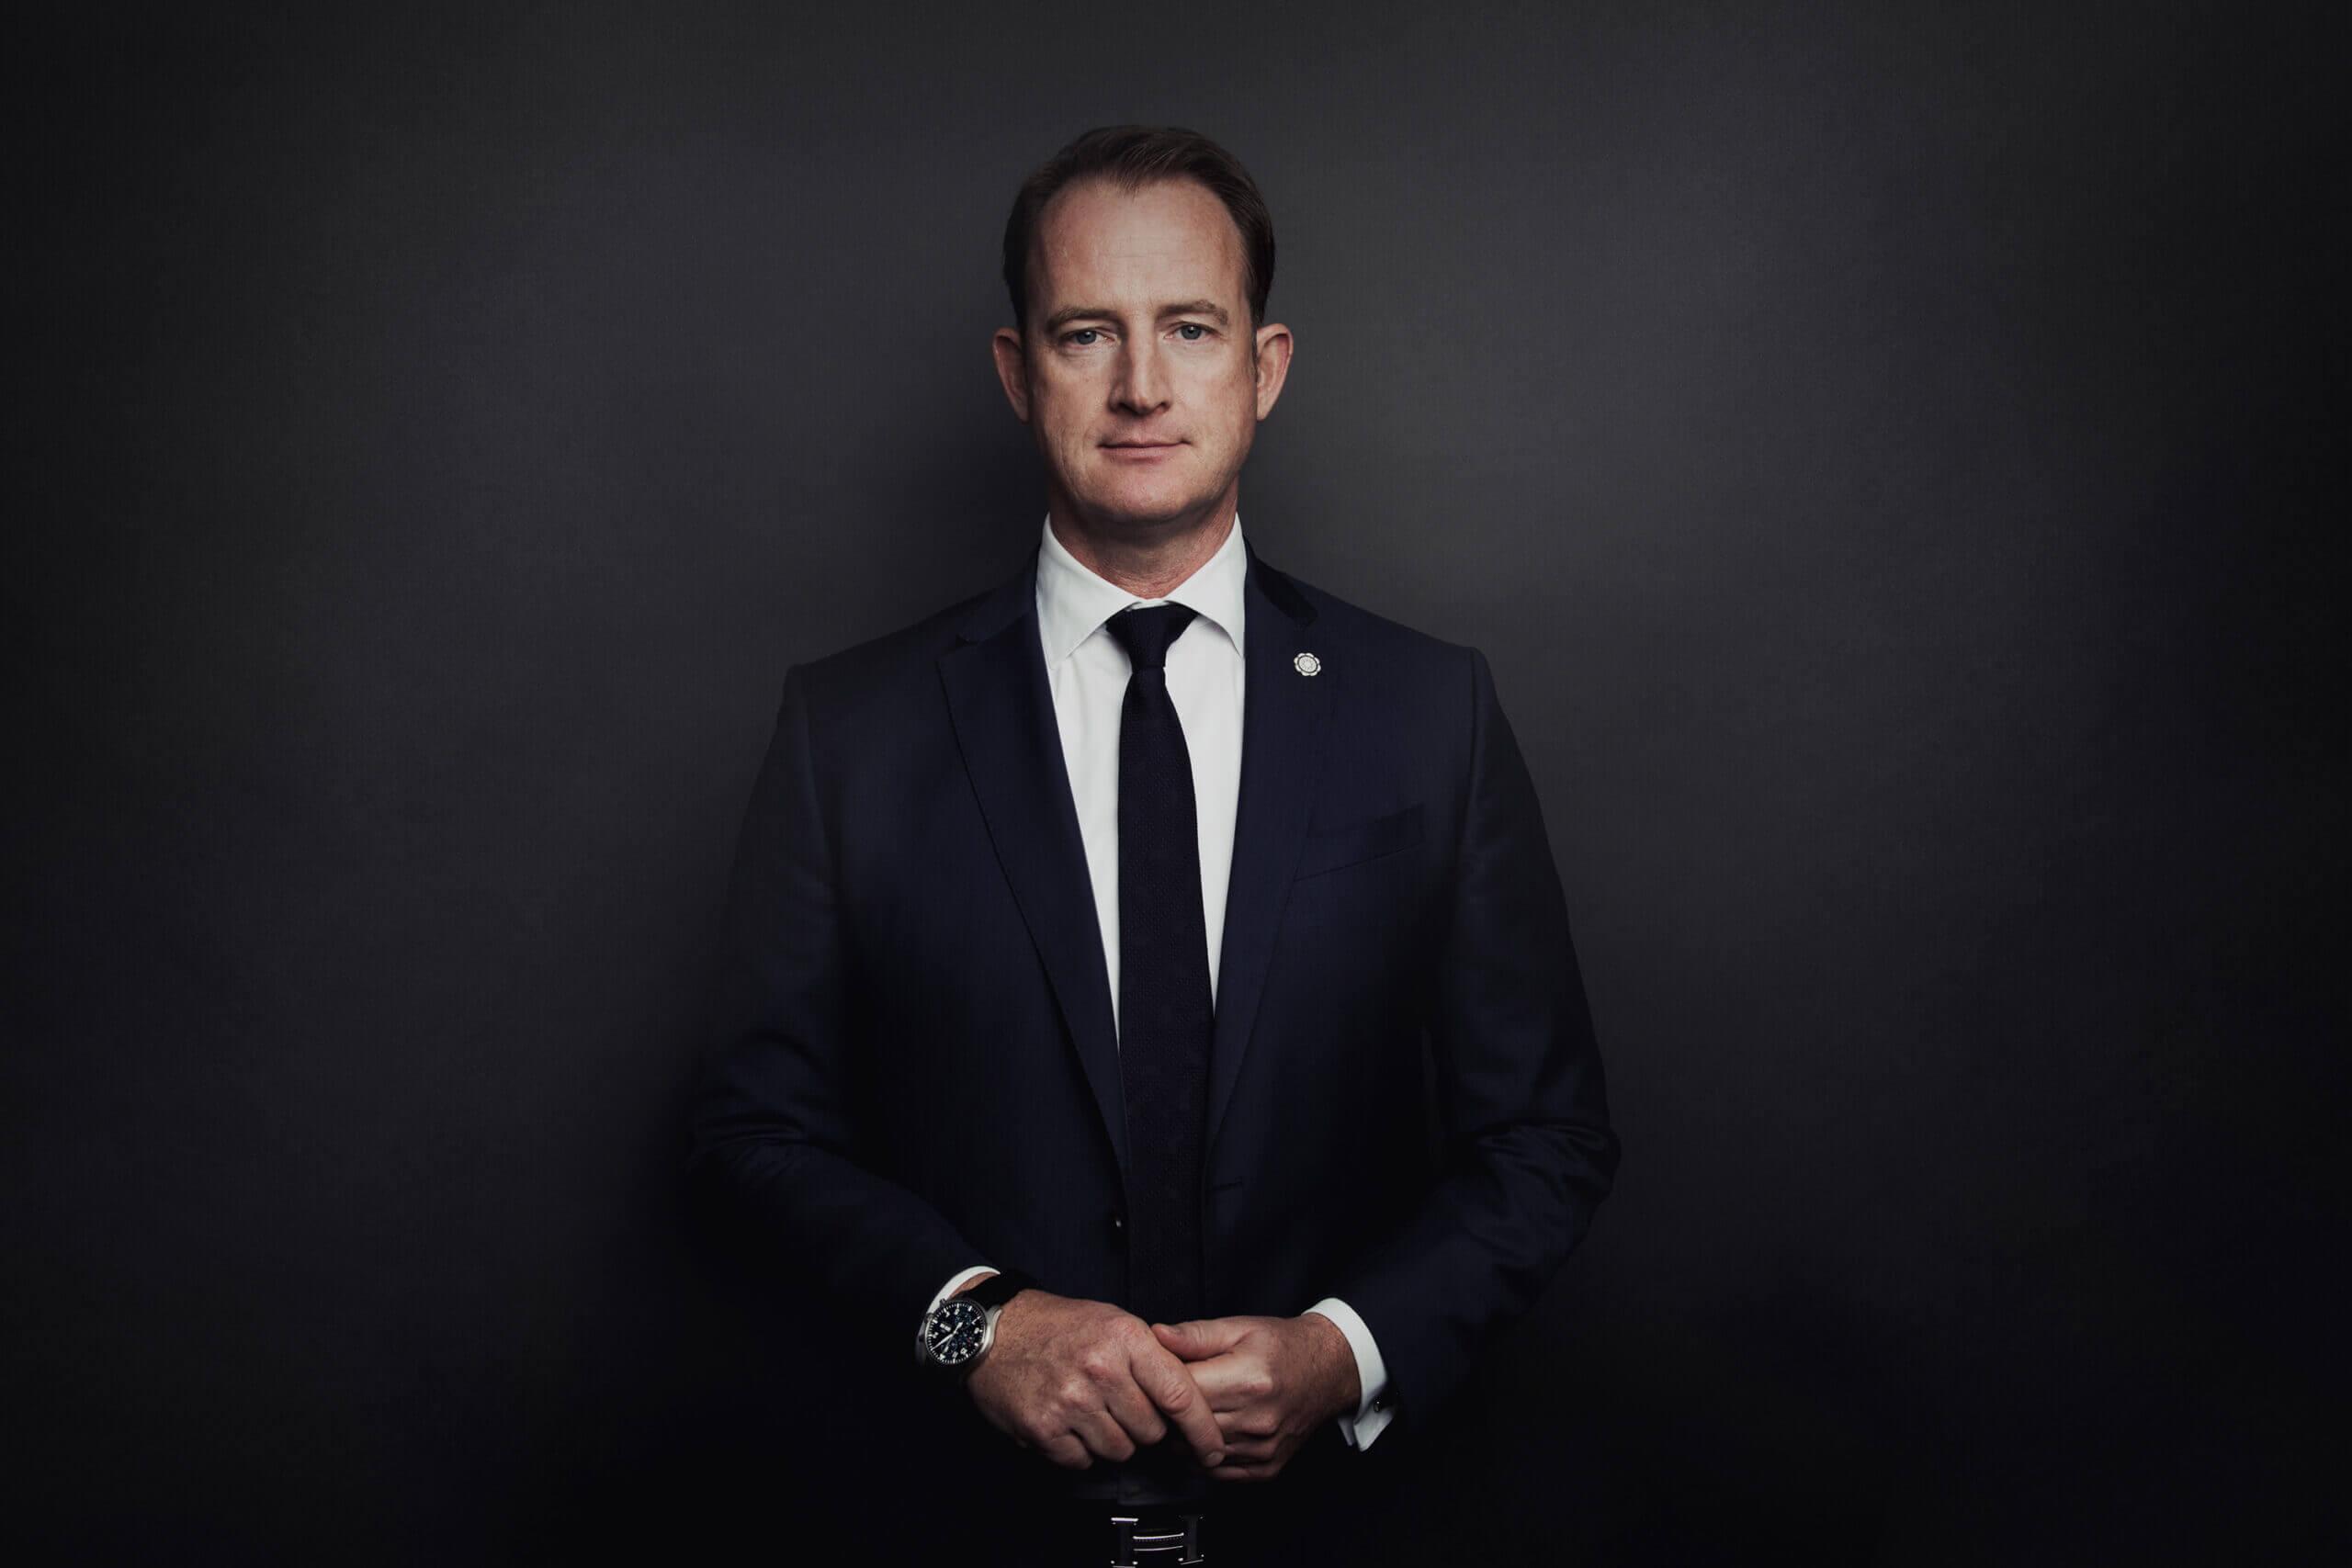 Daniel Buhl - Steuerberater & Rechtsanwalt, Partner